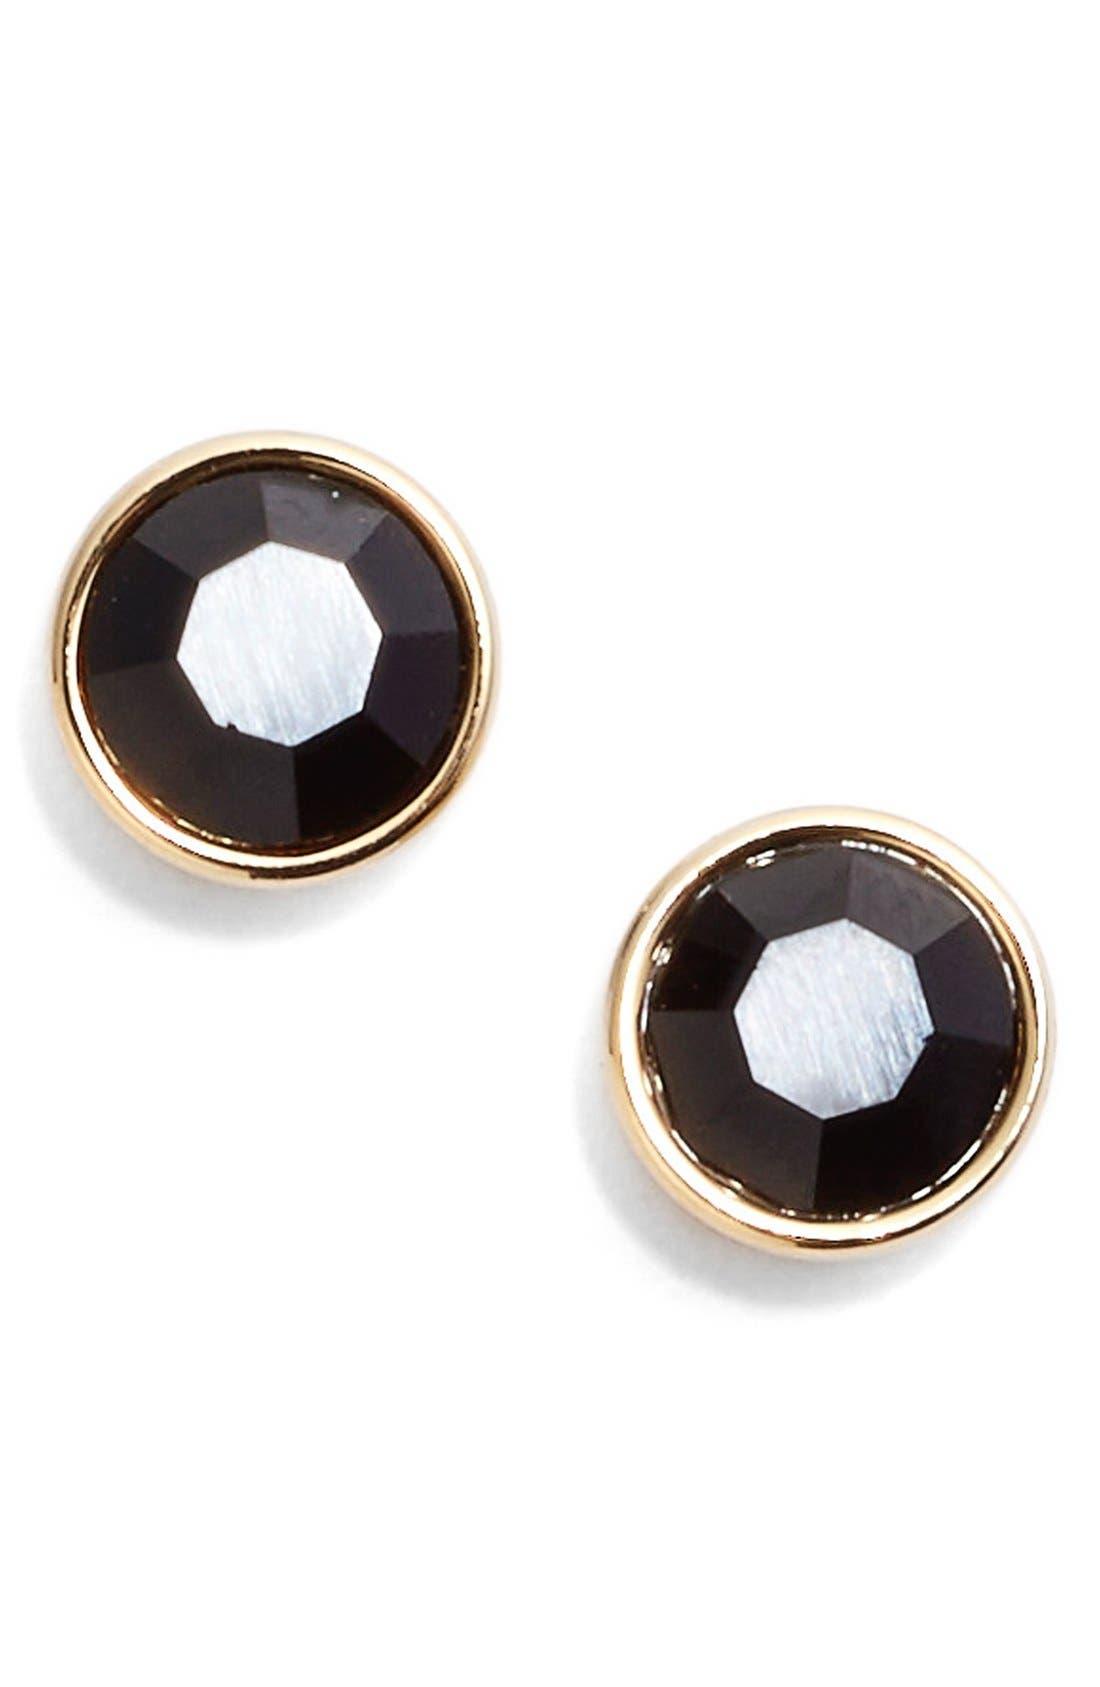 Alternate Image 1 Selected - kate spade new york 'forever' stud earrings